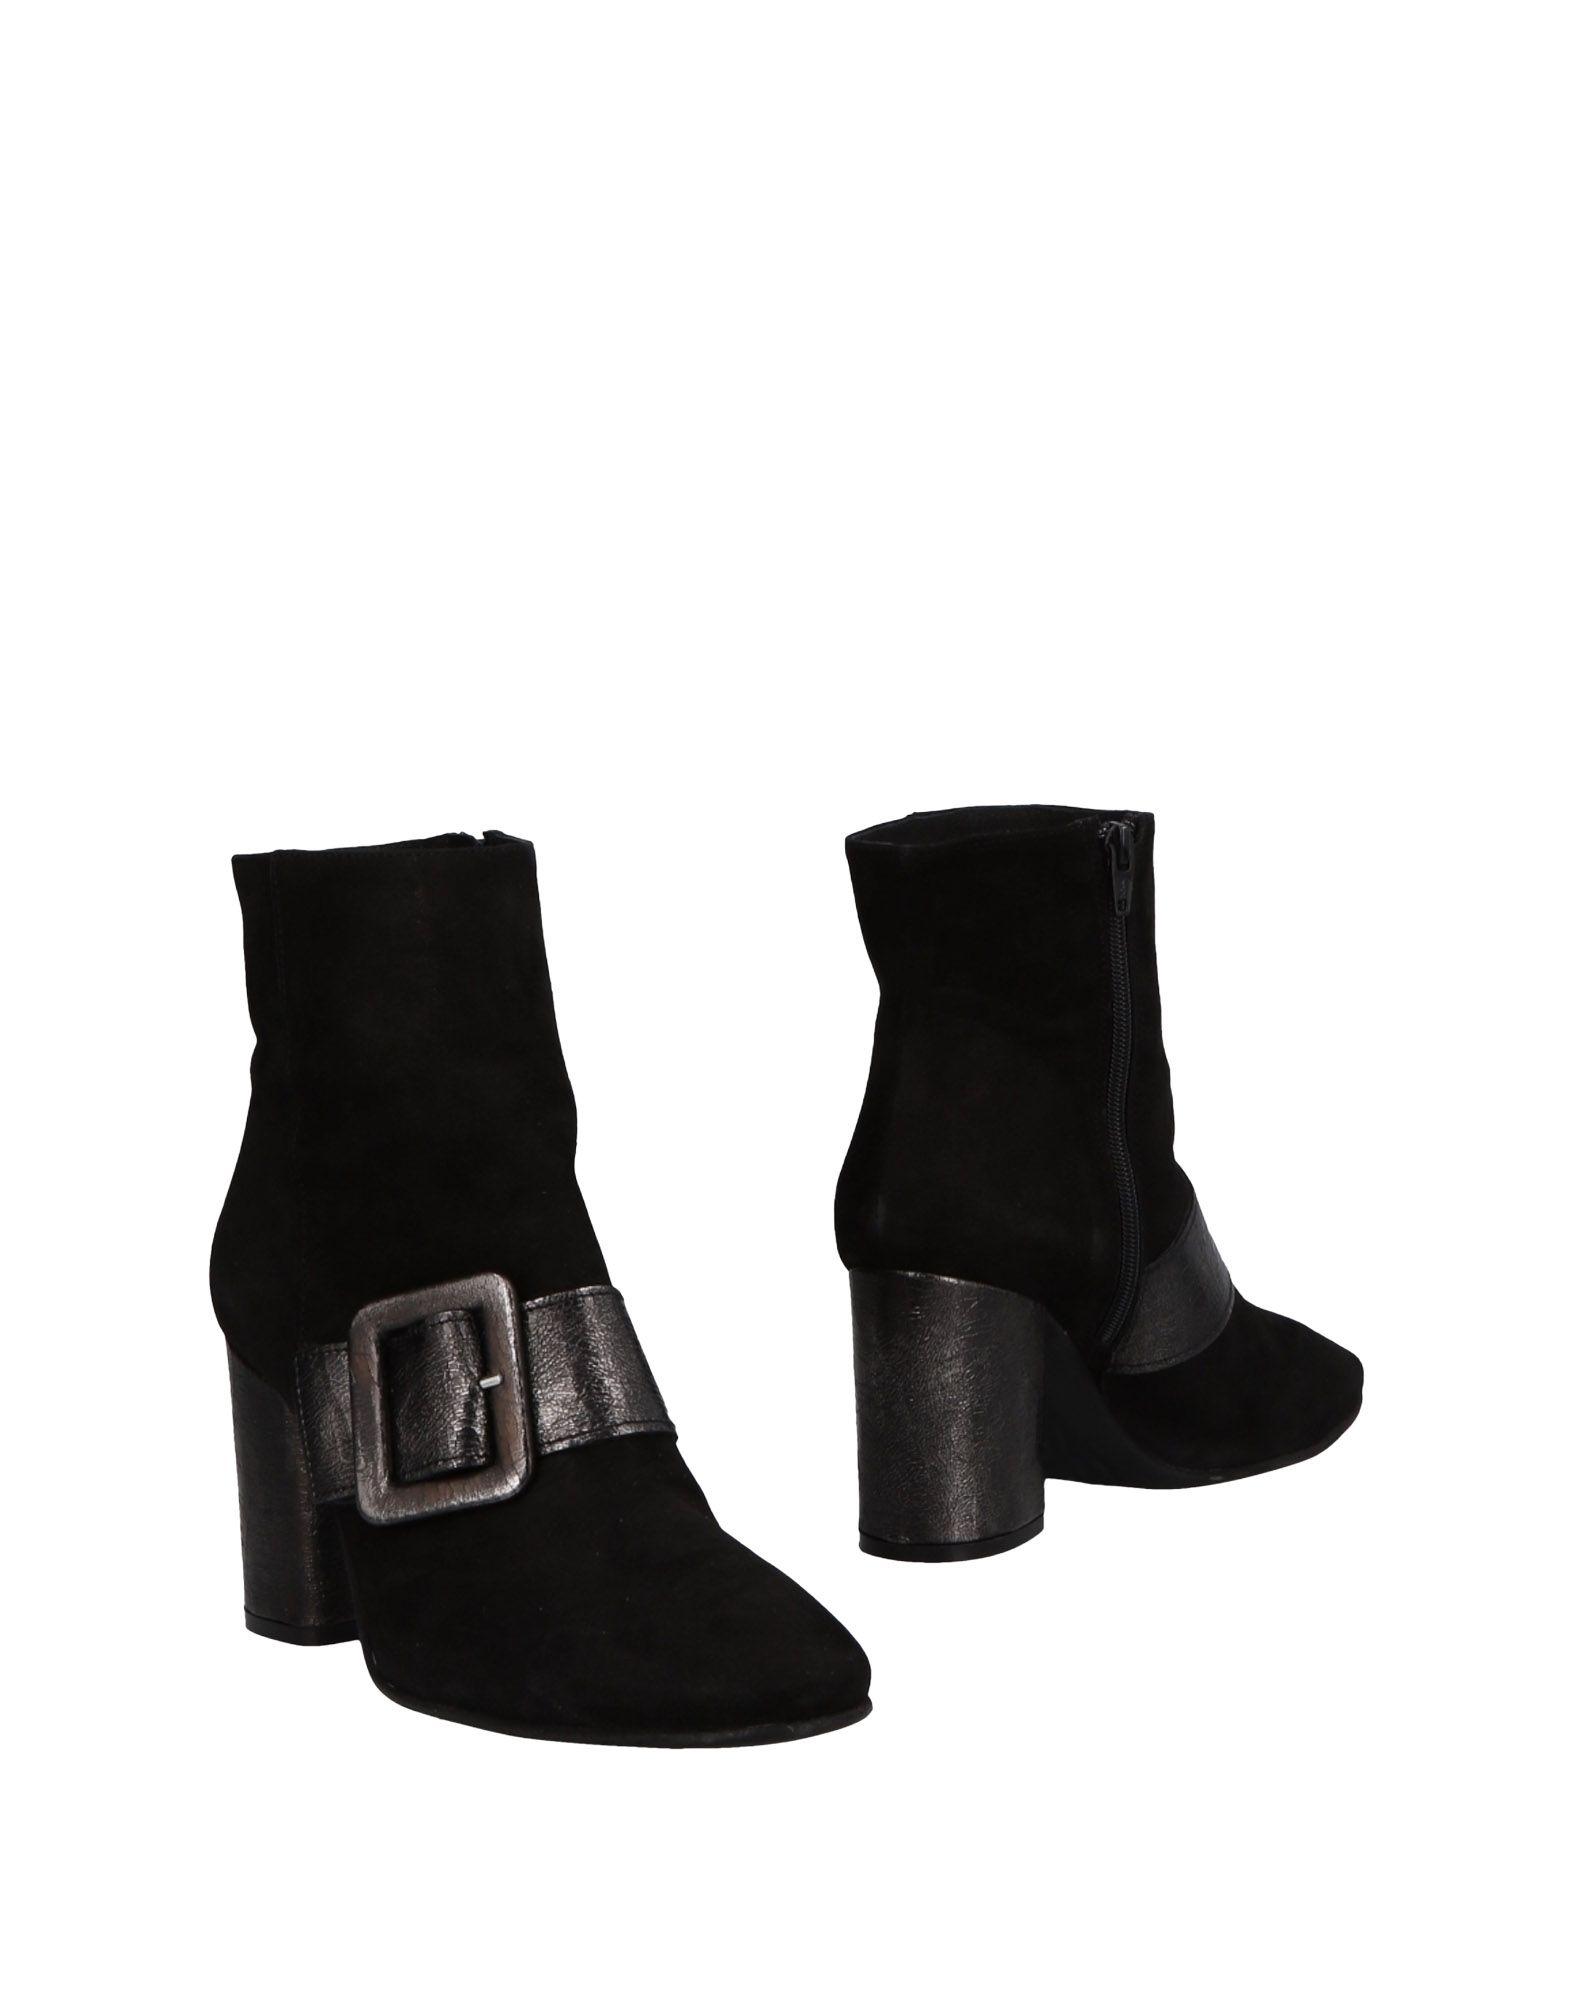 《送料無料》JOY WENDEL レディース ショートブーツ ブラック 40 山羊革